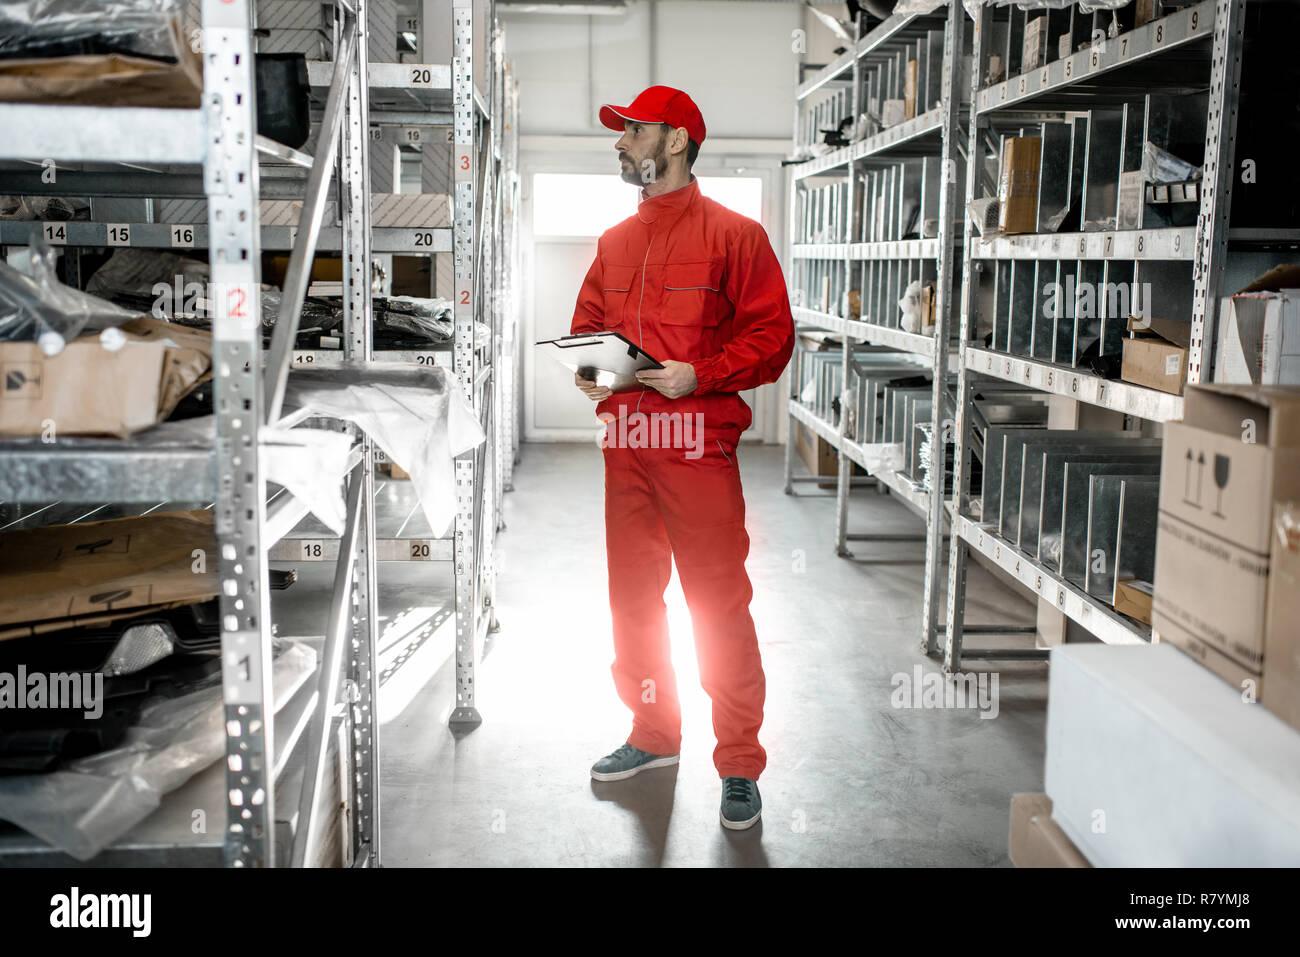 Almacenamiento En Estanterias Metalicas.Trabajador De Almacen En Rojo Un Control Uniforme De Mercancias Con